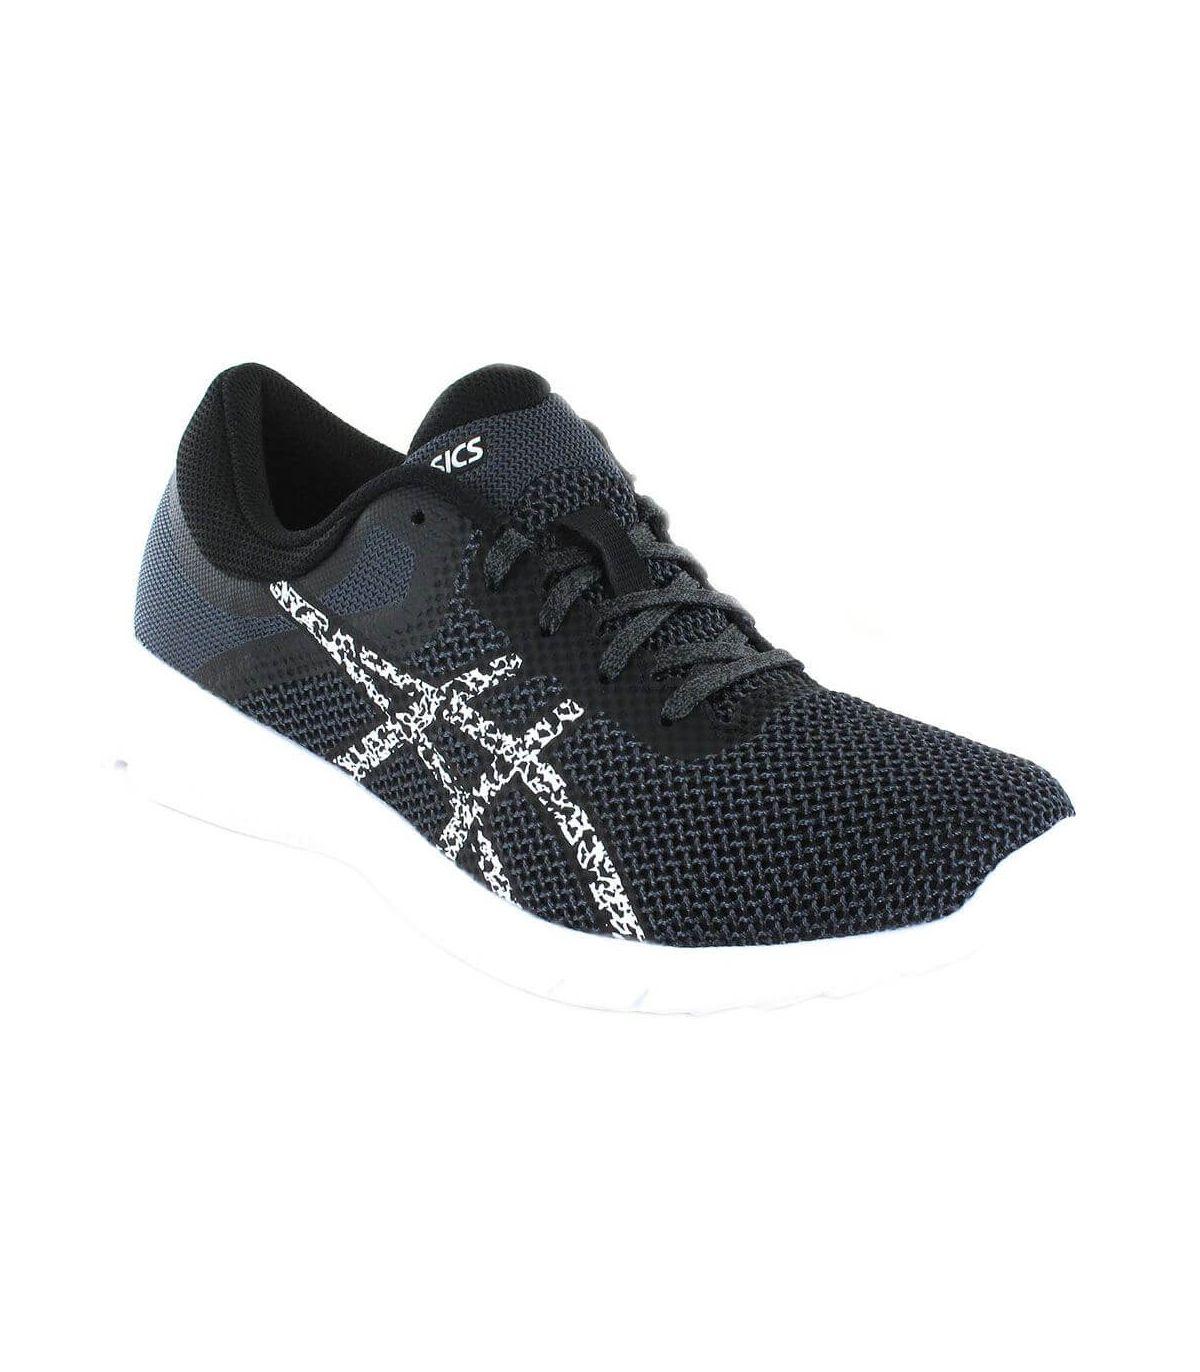 Asics Nitrofuze 2 W Asics Zapatillas Running Mujer Zapatillas Running Tallas: 38, 39,5, 40, 40,5, 41,5; Color: negro